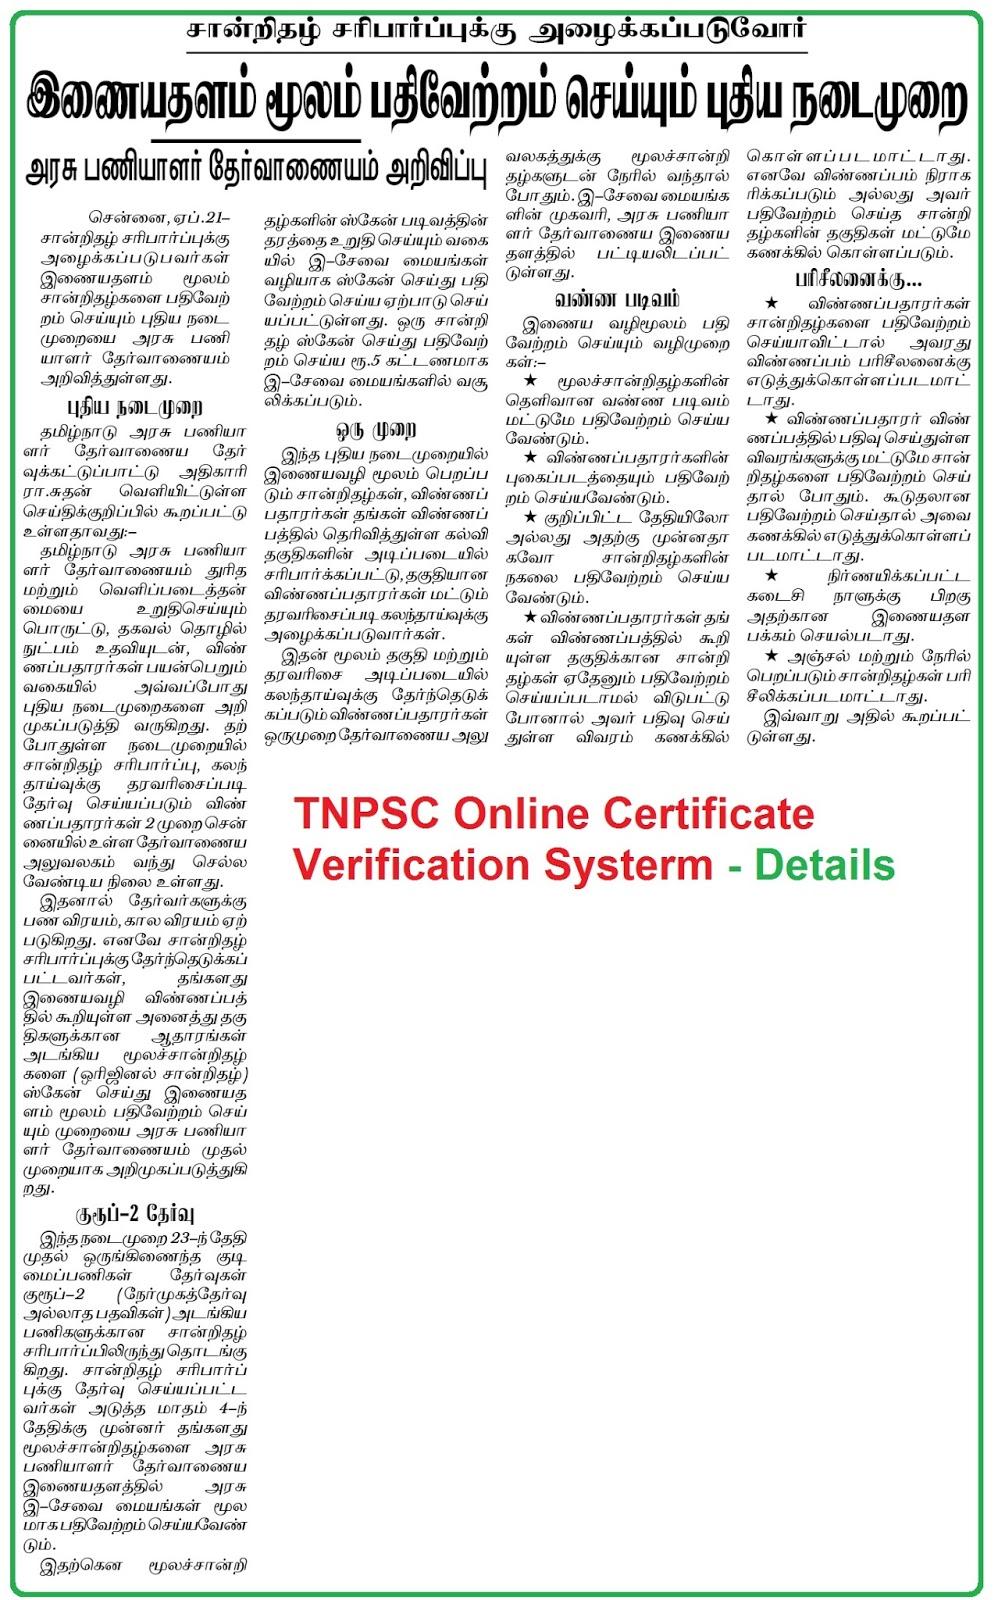 TNPSC Online Certificate verification System Introdeuced, TNPSC Latest News on April 24th 2018